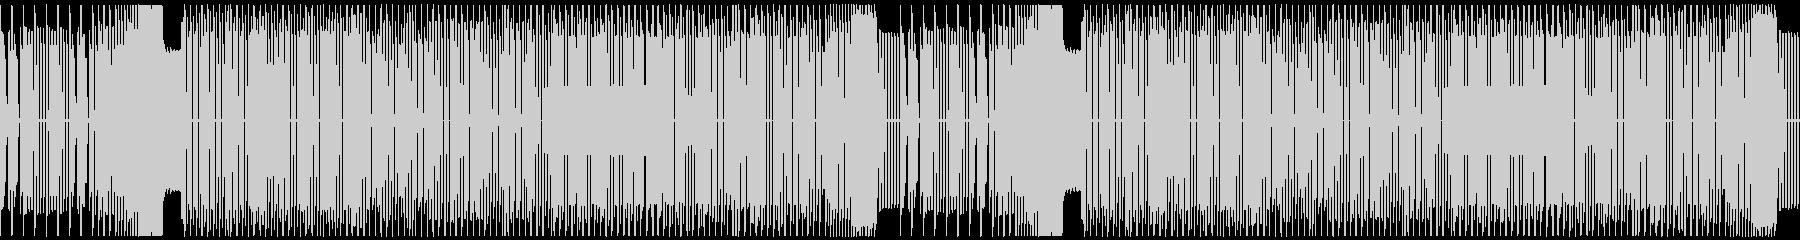 FC風ループ ウィリアムテルの未再生の波形